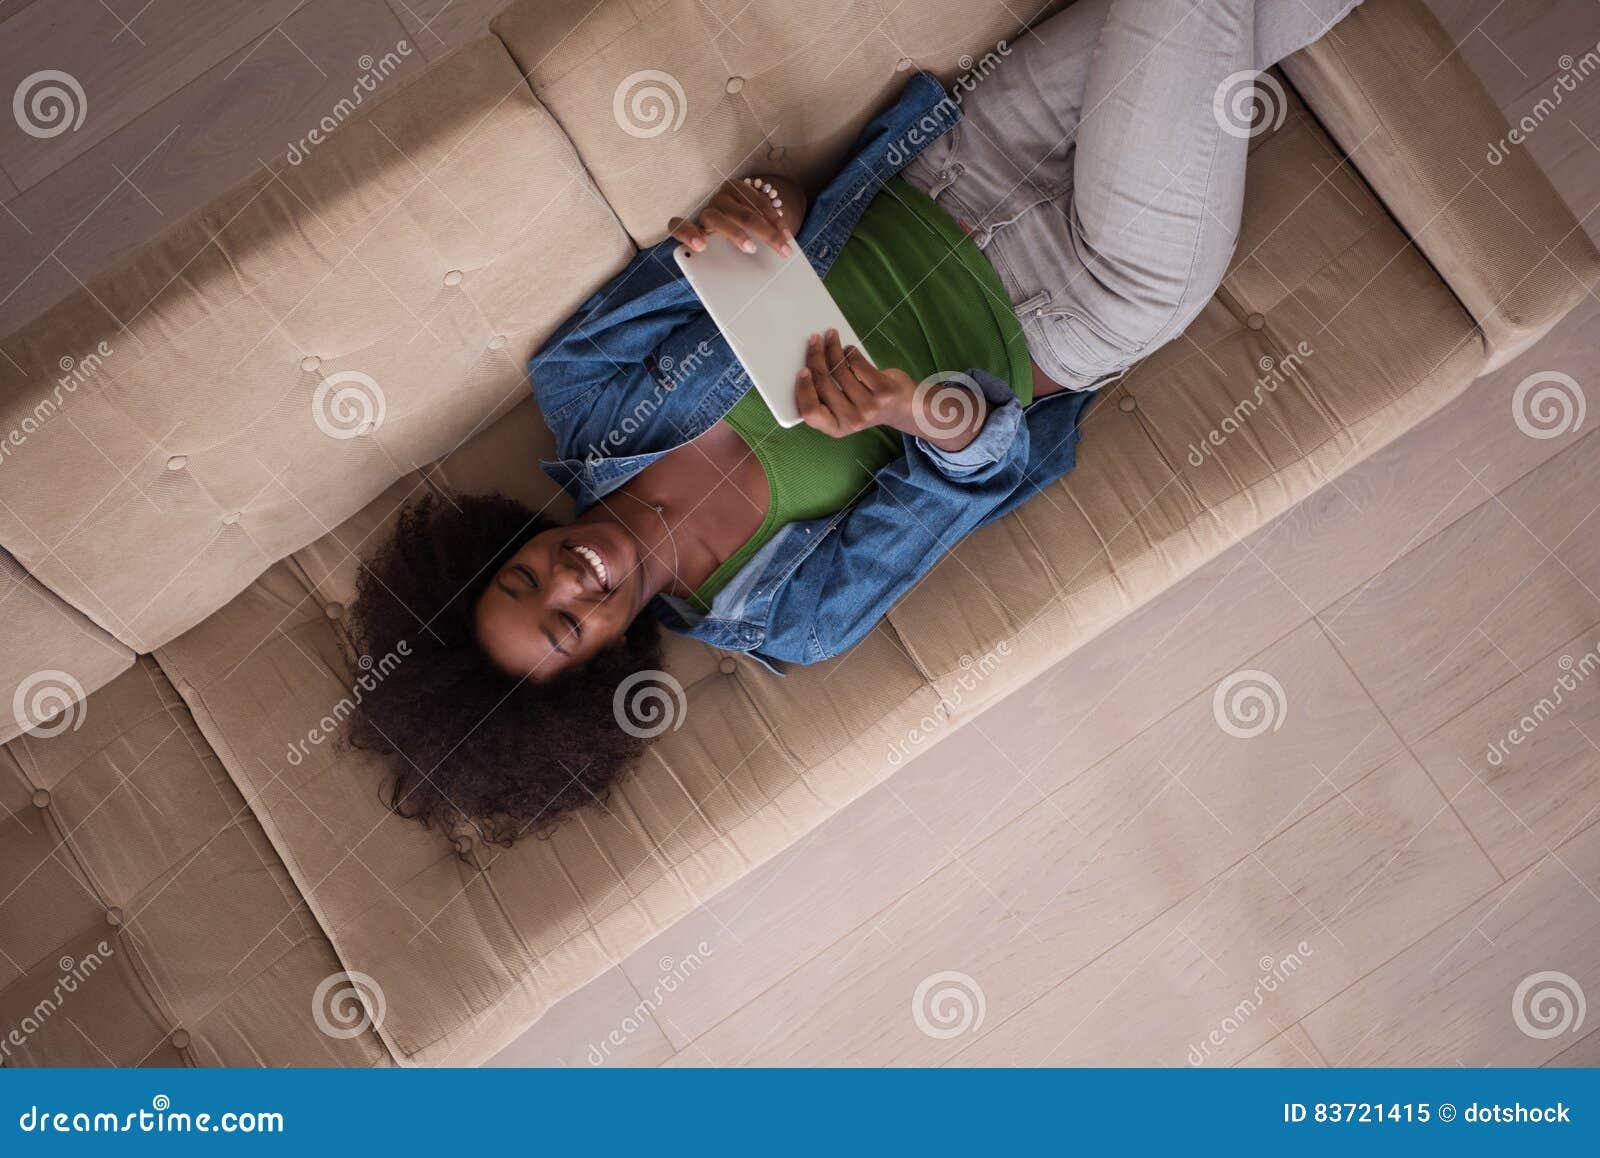 фото женщина с верху дома